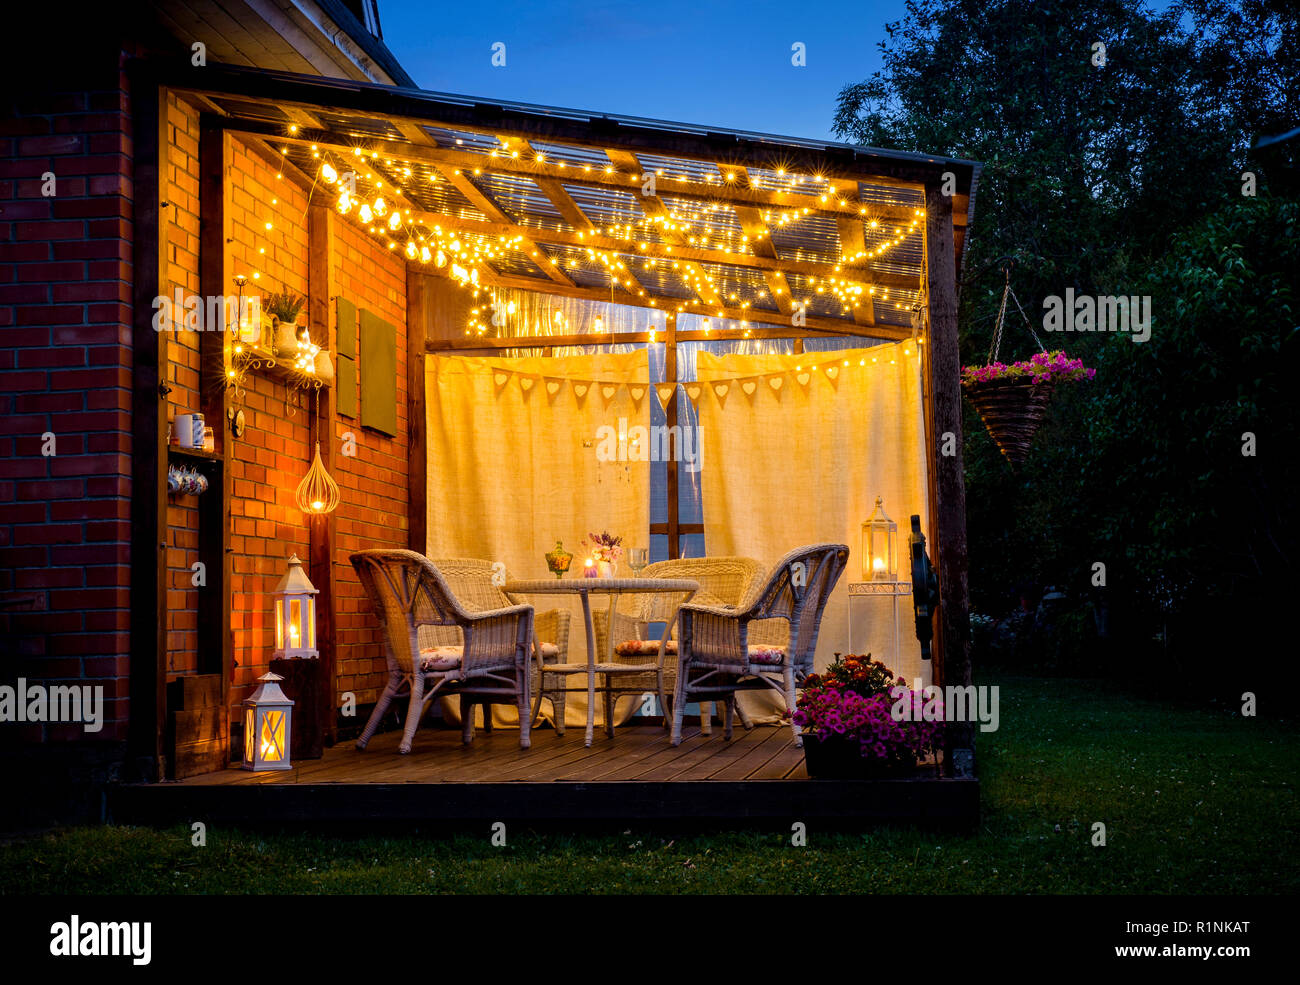 Picture of: Blick Uber Gemutliche Terrasse Mit Tisch Und Stuhlen Sehr Romantische Beleuchtung Weissen Laternen Kerzen Brennen Led String Party Leuchten Und Lampen Mit Stockfotografie Alamy